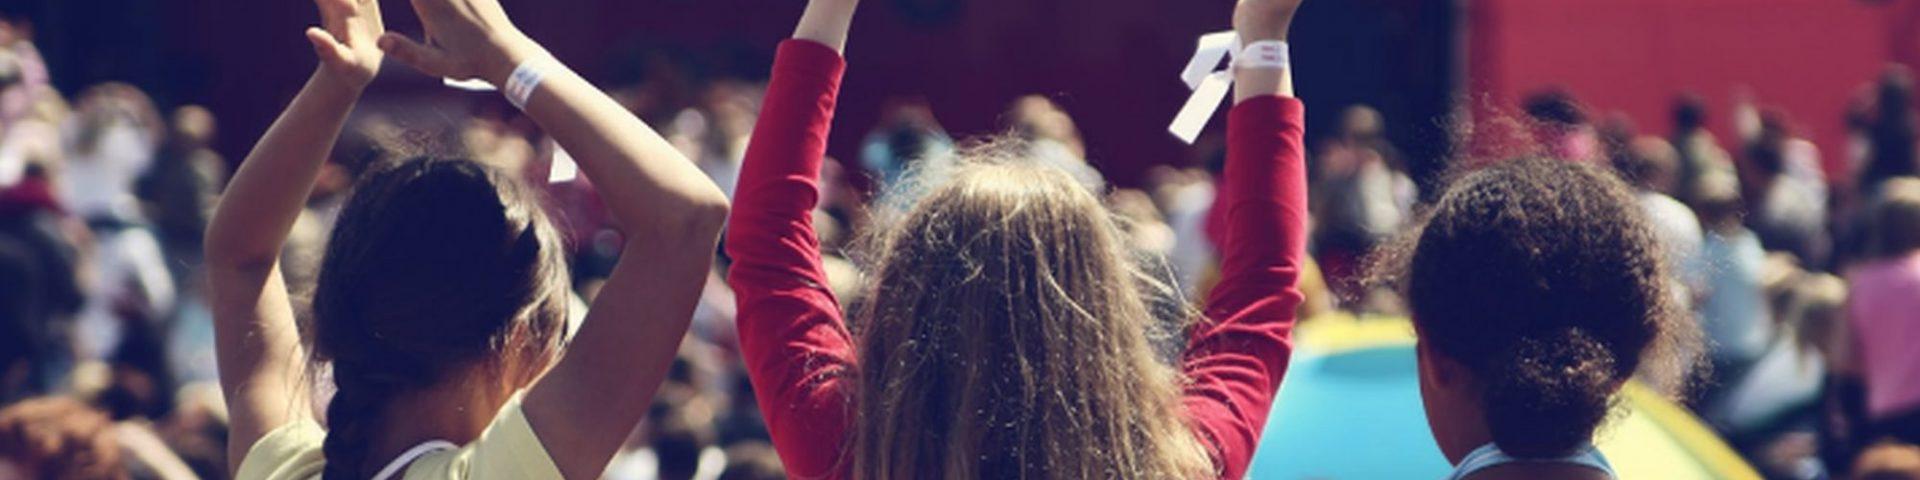 I bambini pagano ai concerti?